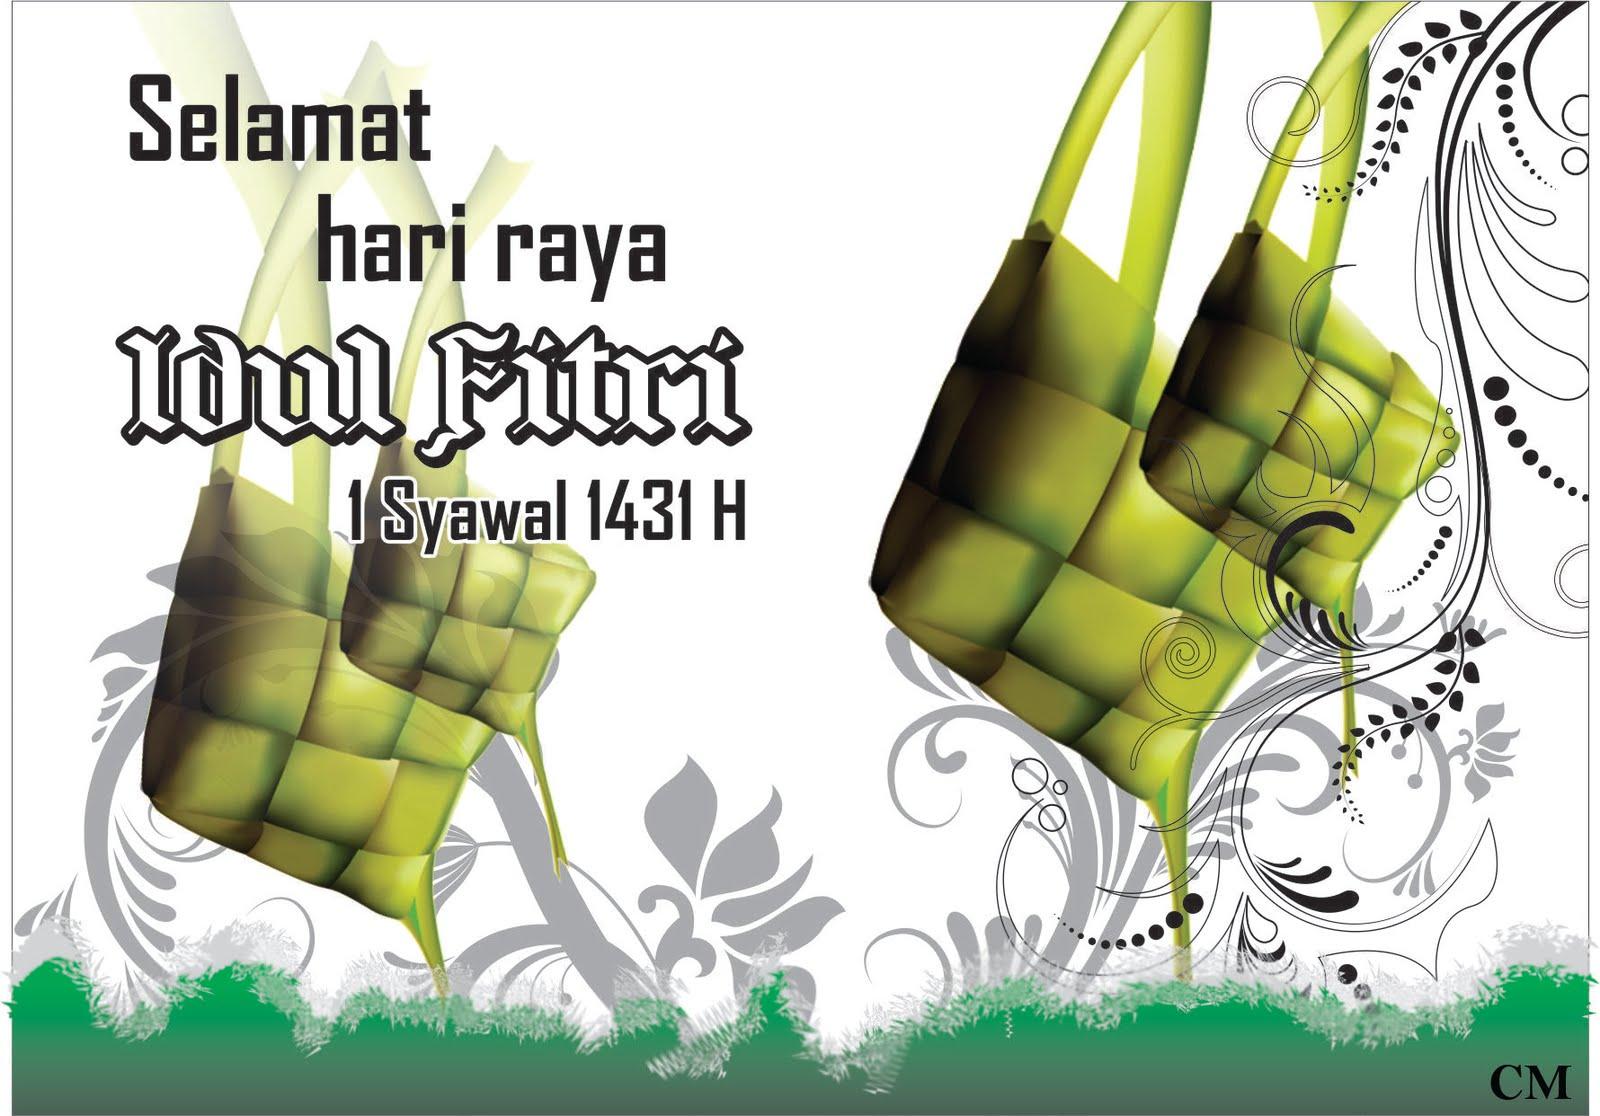 Kata Ucapan Selamat Hari Raya Idul Fitri